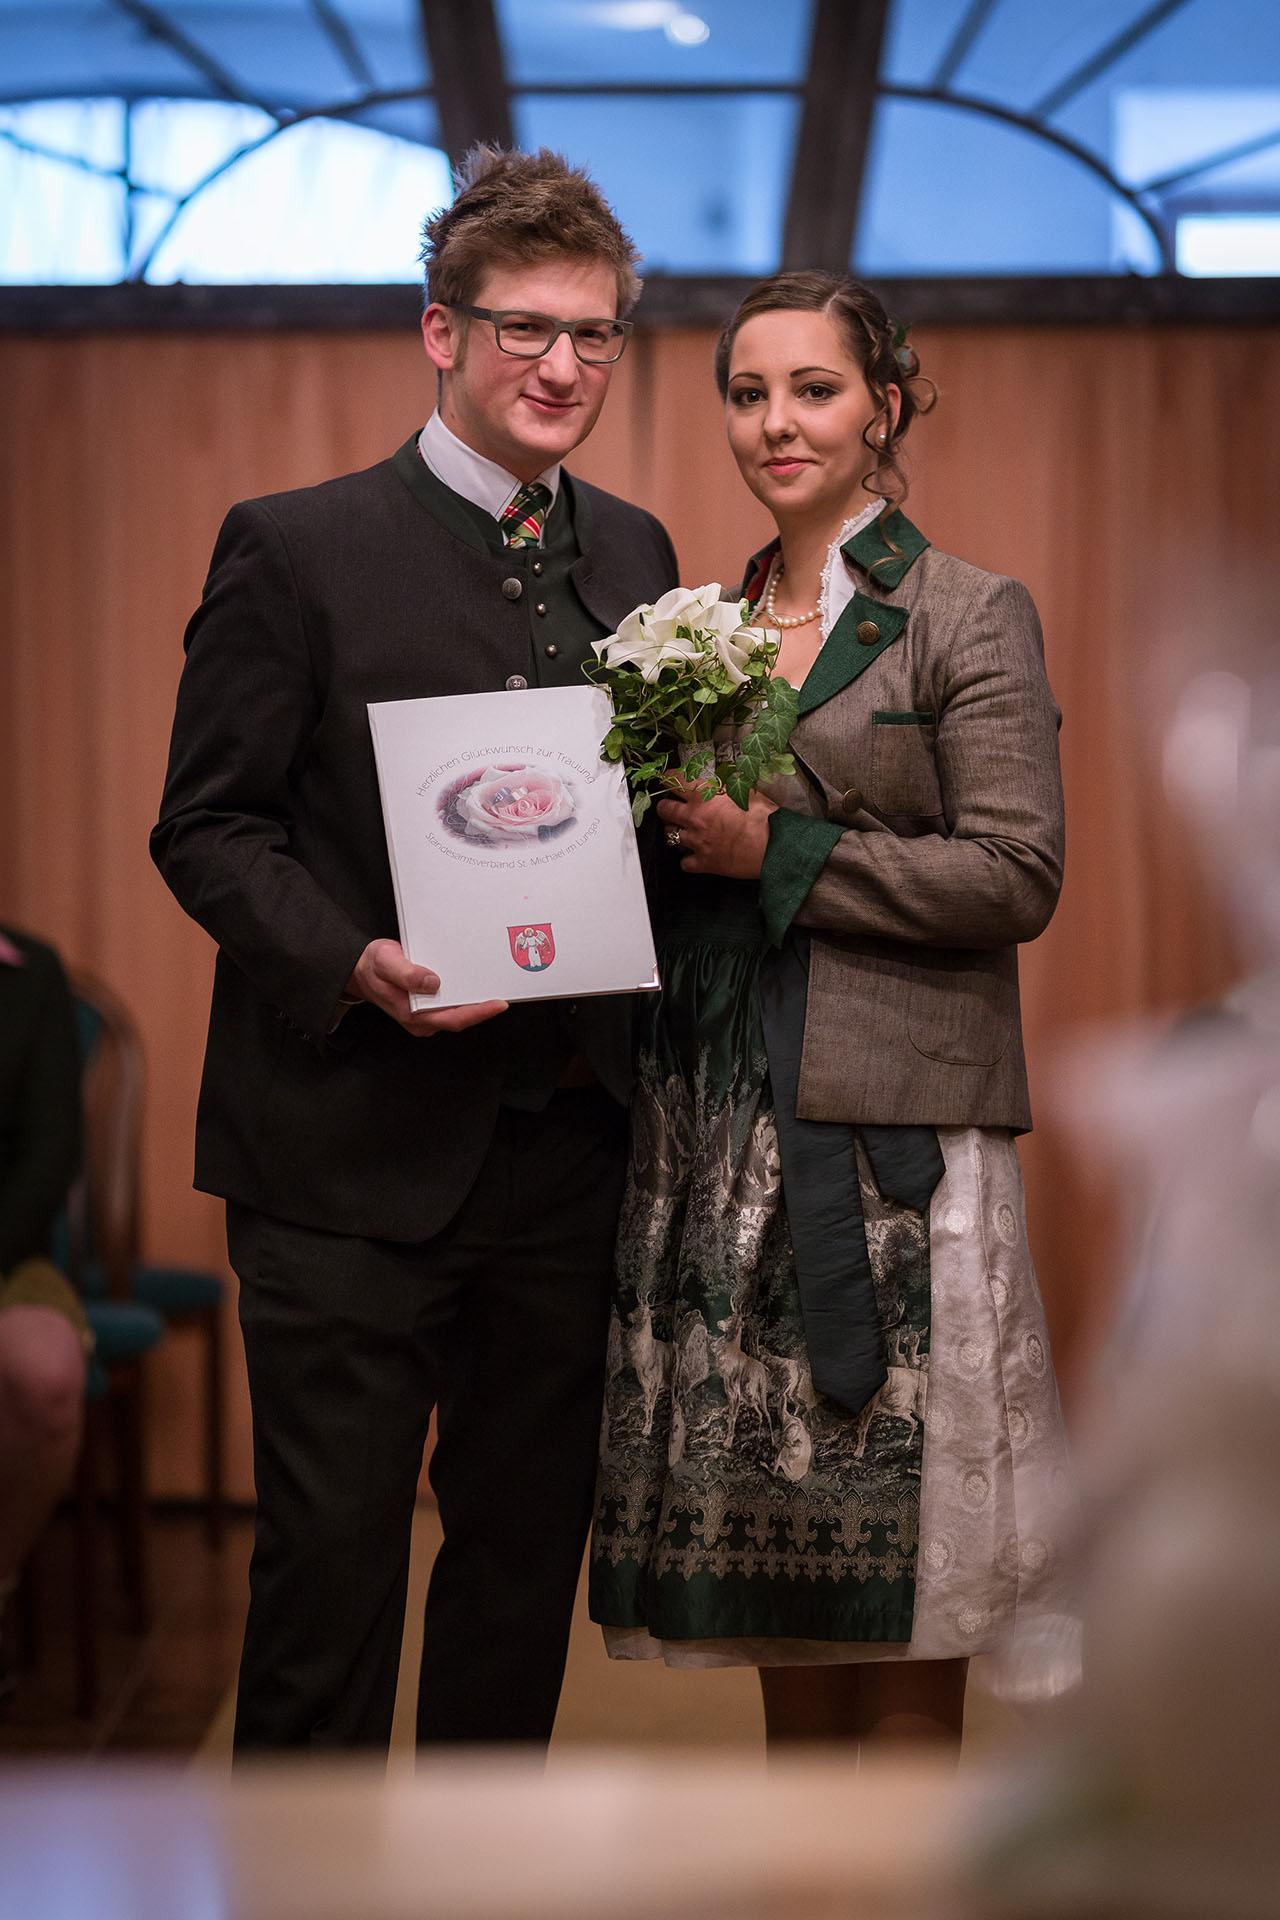 Hochzeiten_Menschen12